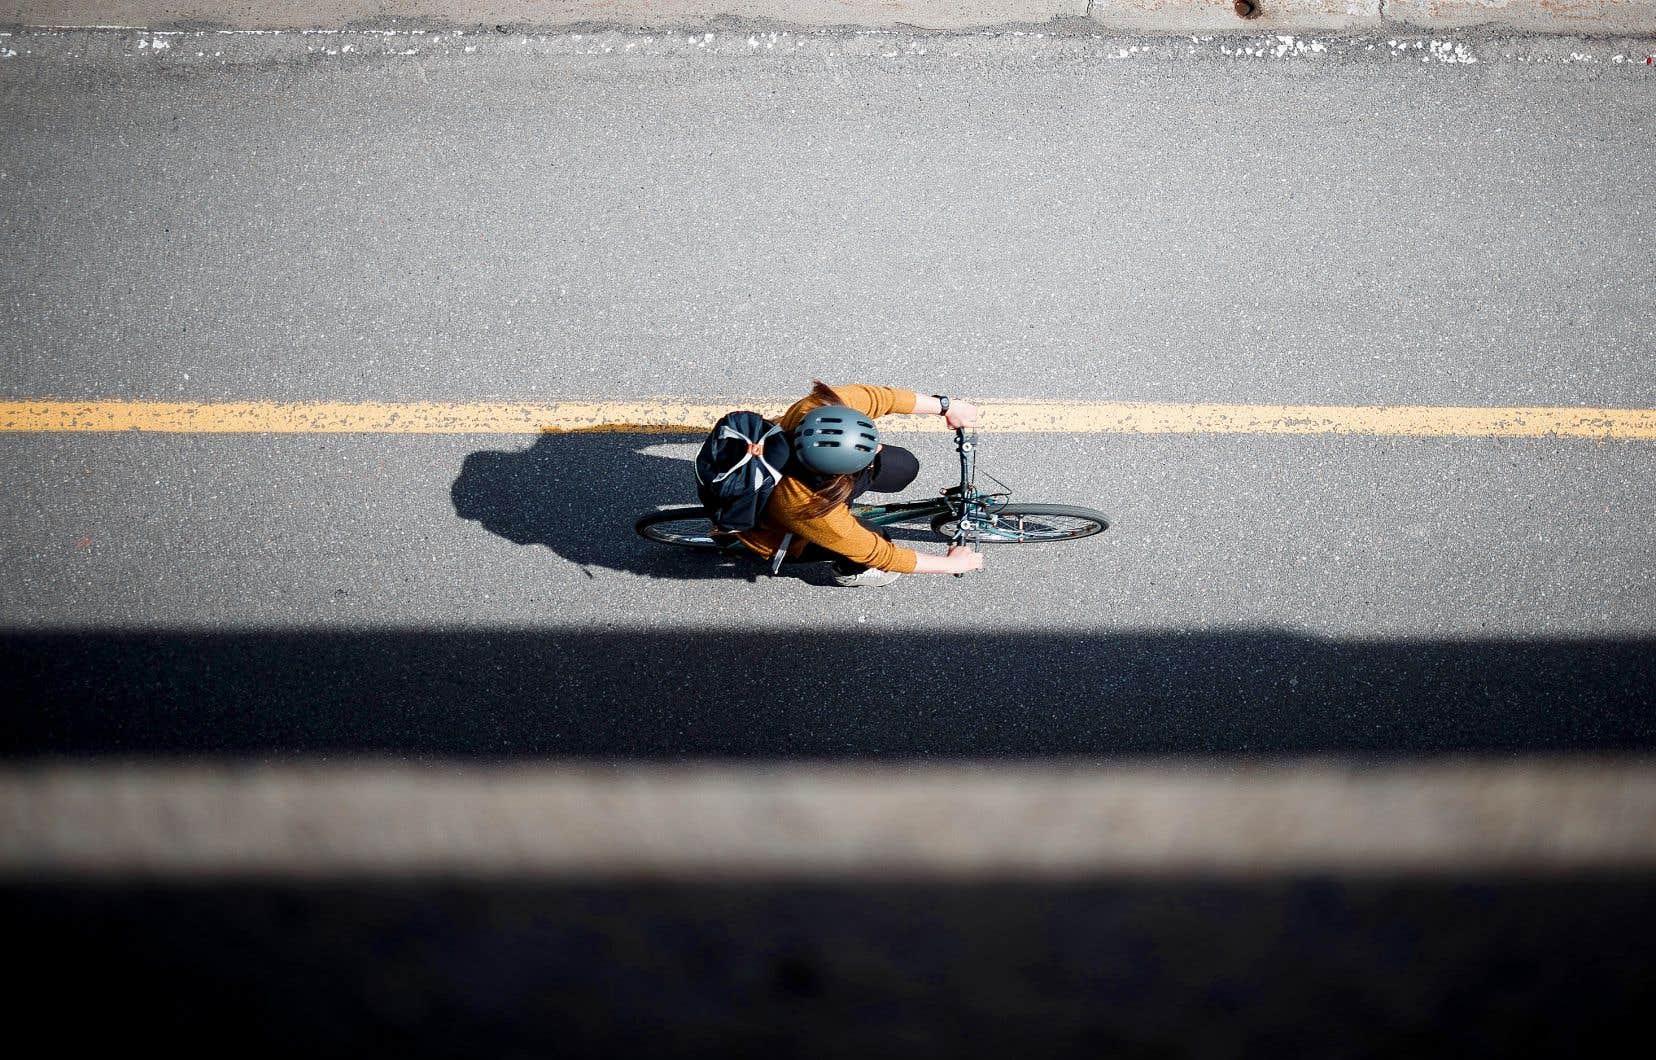 L'an dernier, la Ville de Montréal a ajouté 34 kilomètres de voies cyclables permanentes pour atteindre un total de 1001km.